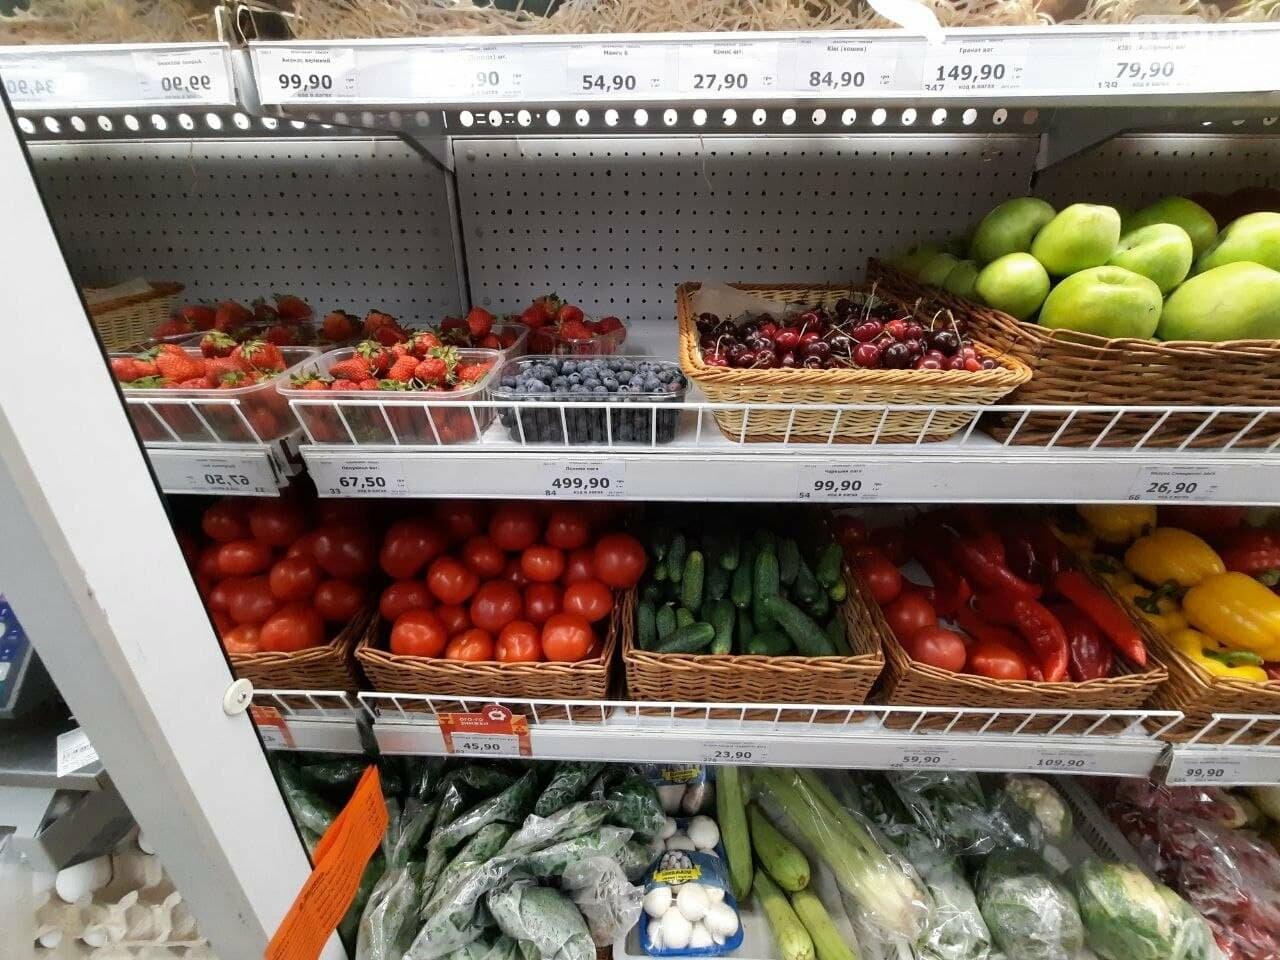 Клубника, черешня, нектарин: мониторинг цен на сезонные фрукты и ягоды в одесских супермаркетах, - ФОТО, фото-4